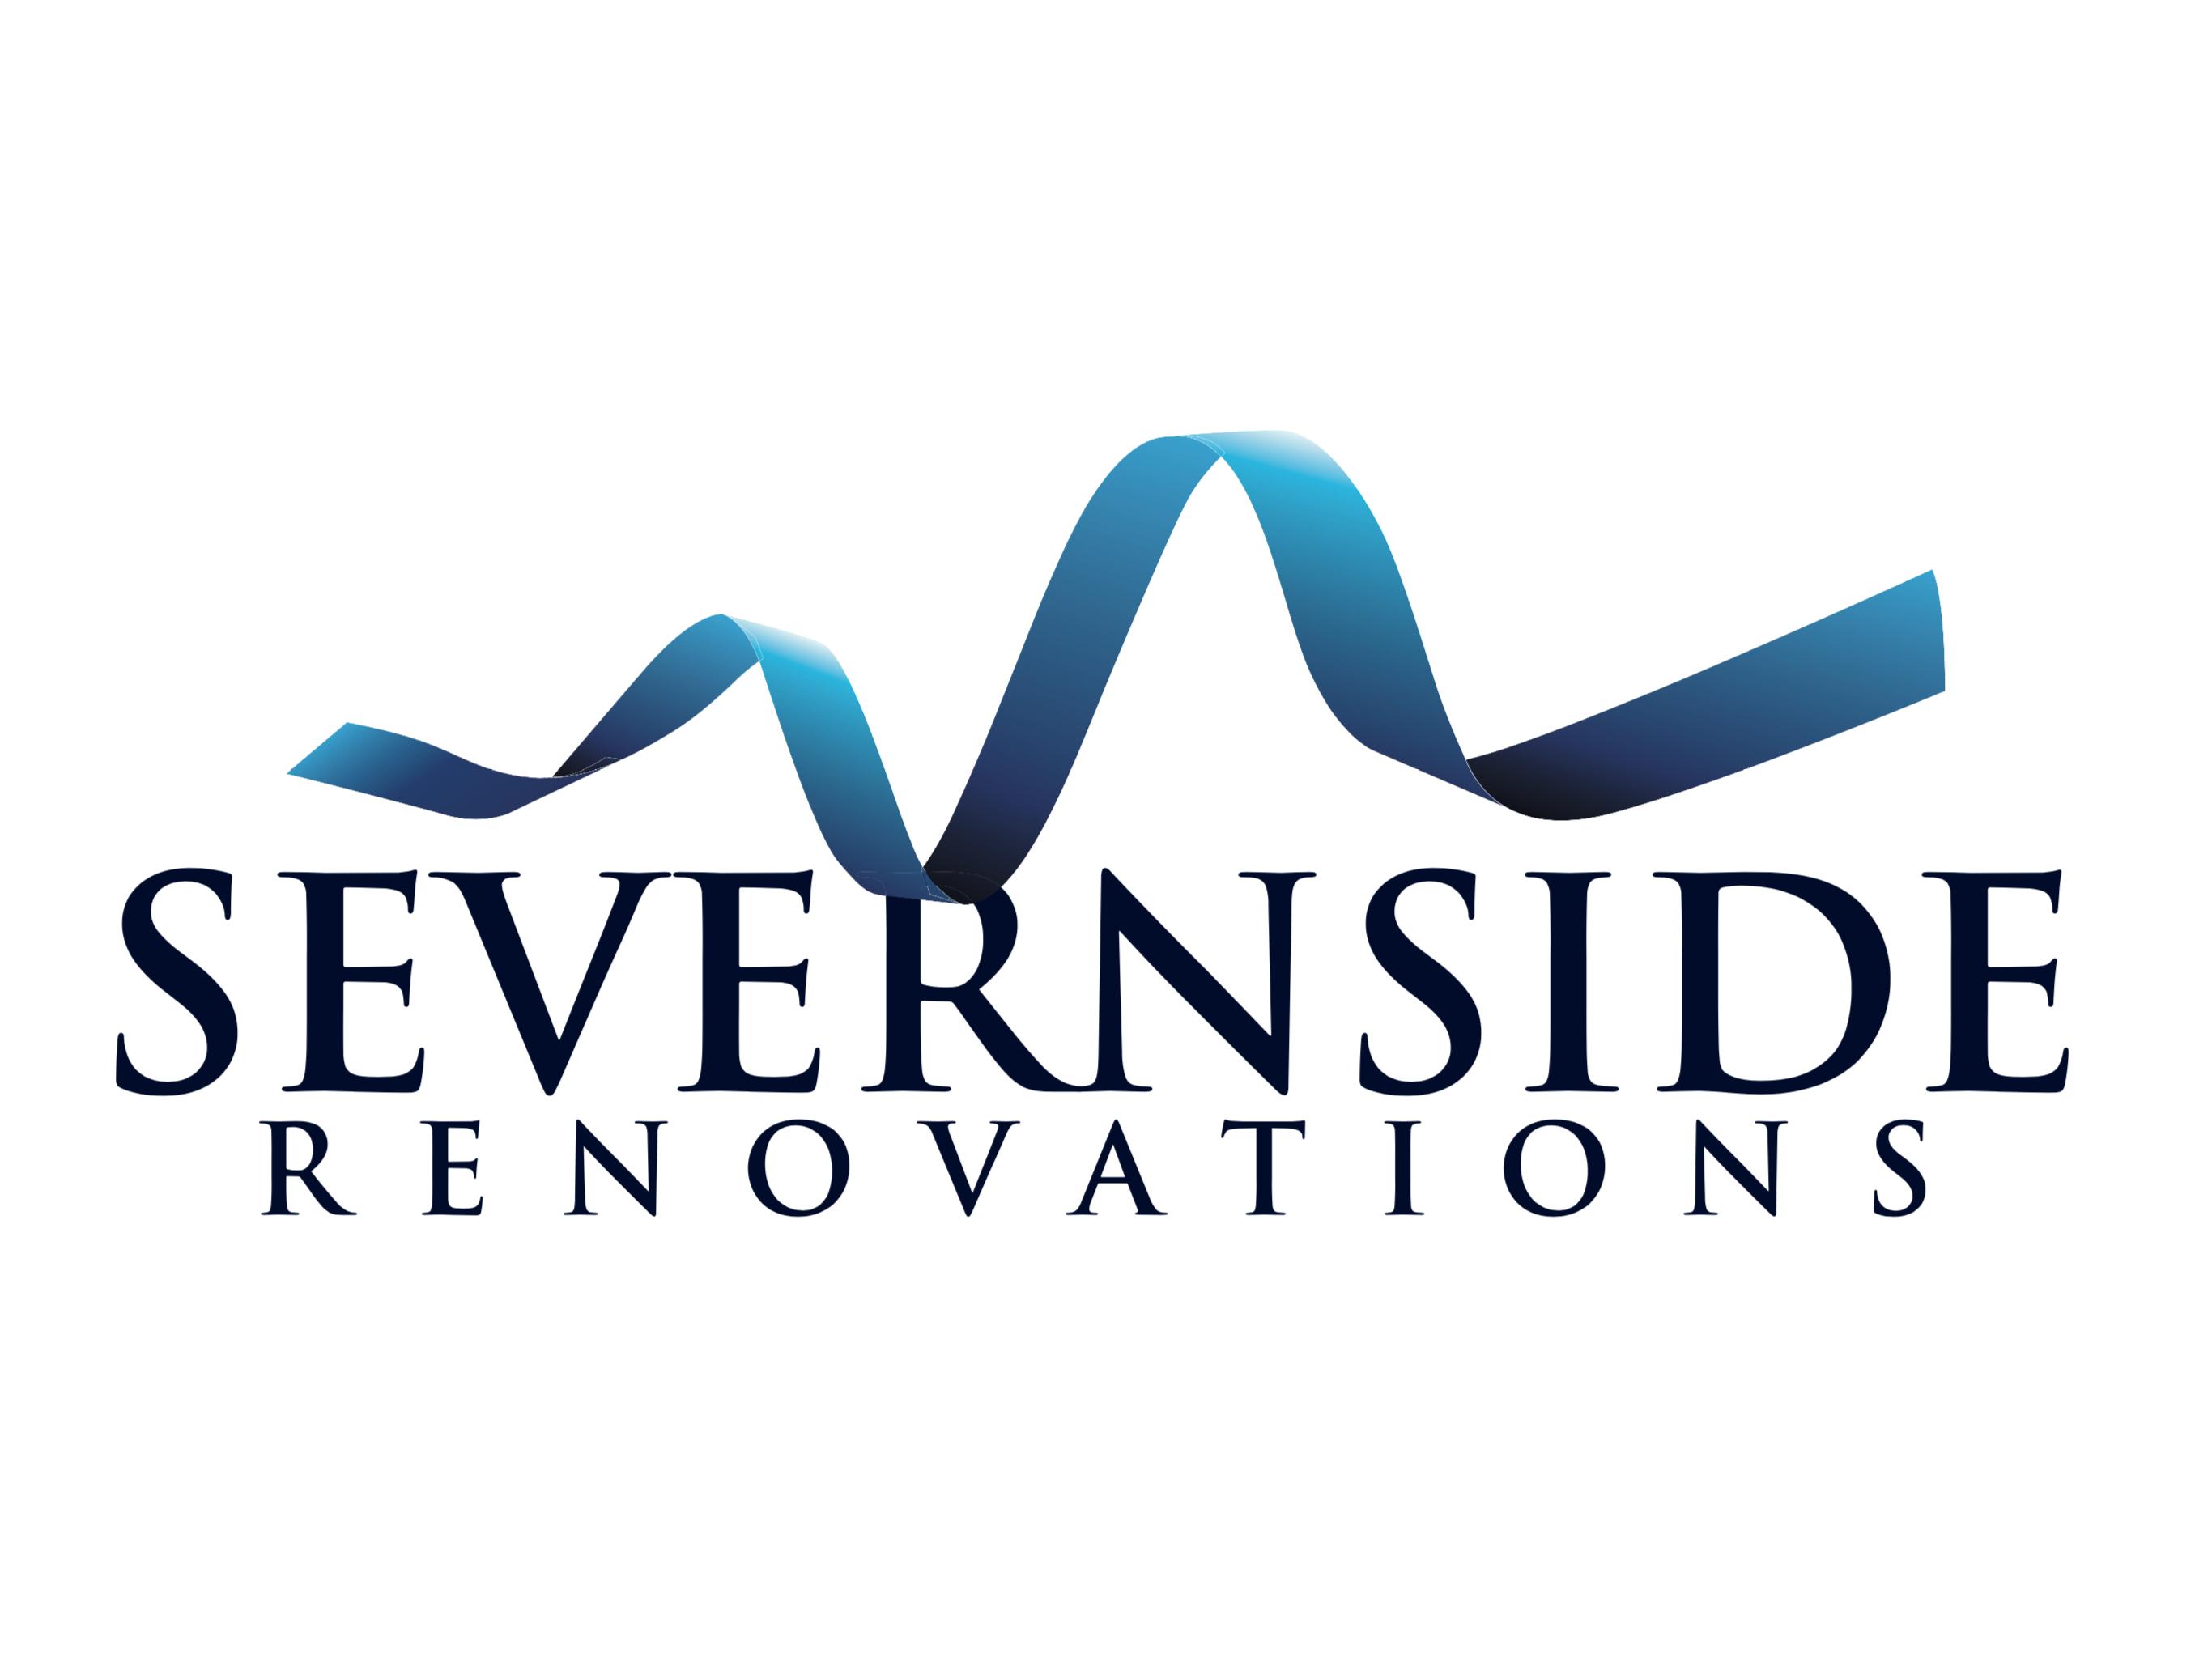 Severnside Renovations LTD